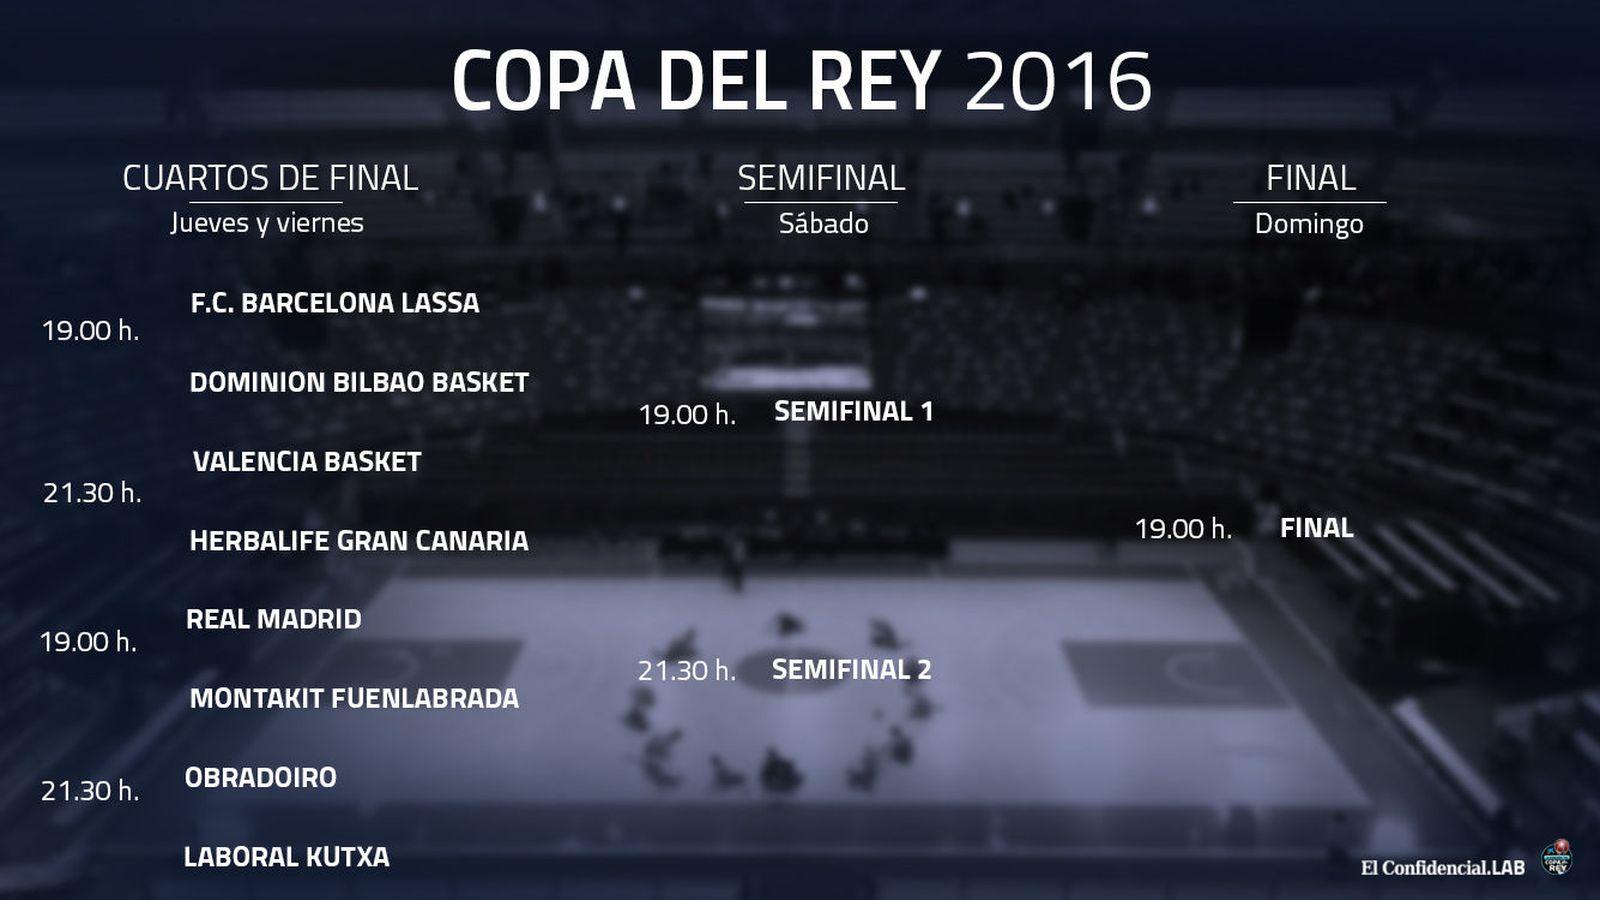 Copa del Rey Baloncesto ACB: Guía para seguir la Copa del Rey ACB de ...